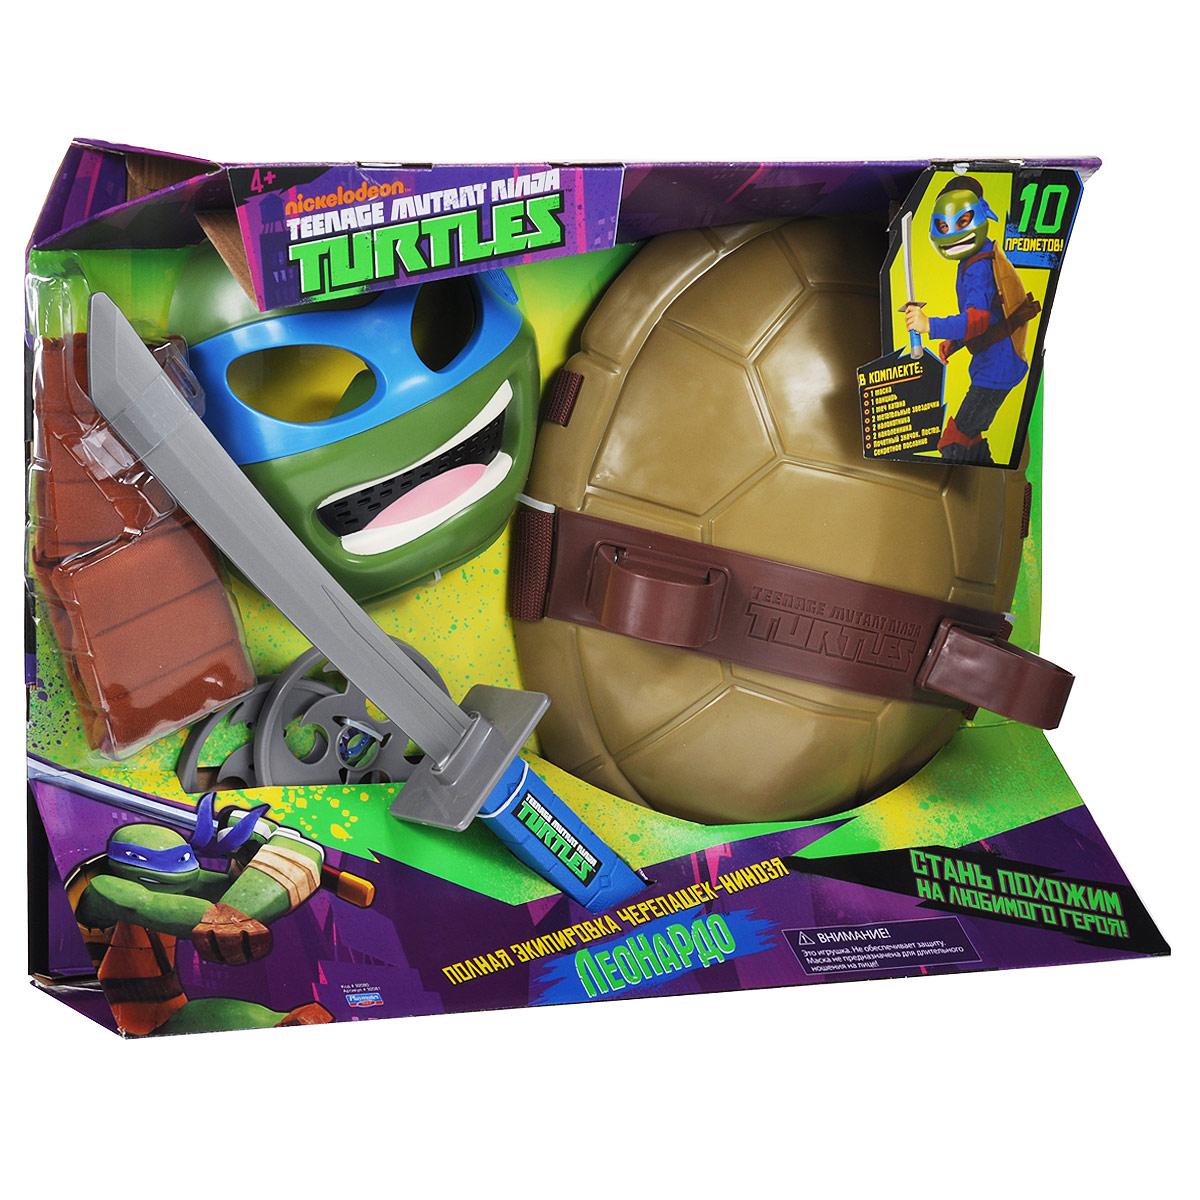 Игровой набор Turtles Боевое снаряжение Черепашки-Ниндзя: Леонардо, 12 предметов gulliver водяное черепашки ниндзя меч леонардо